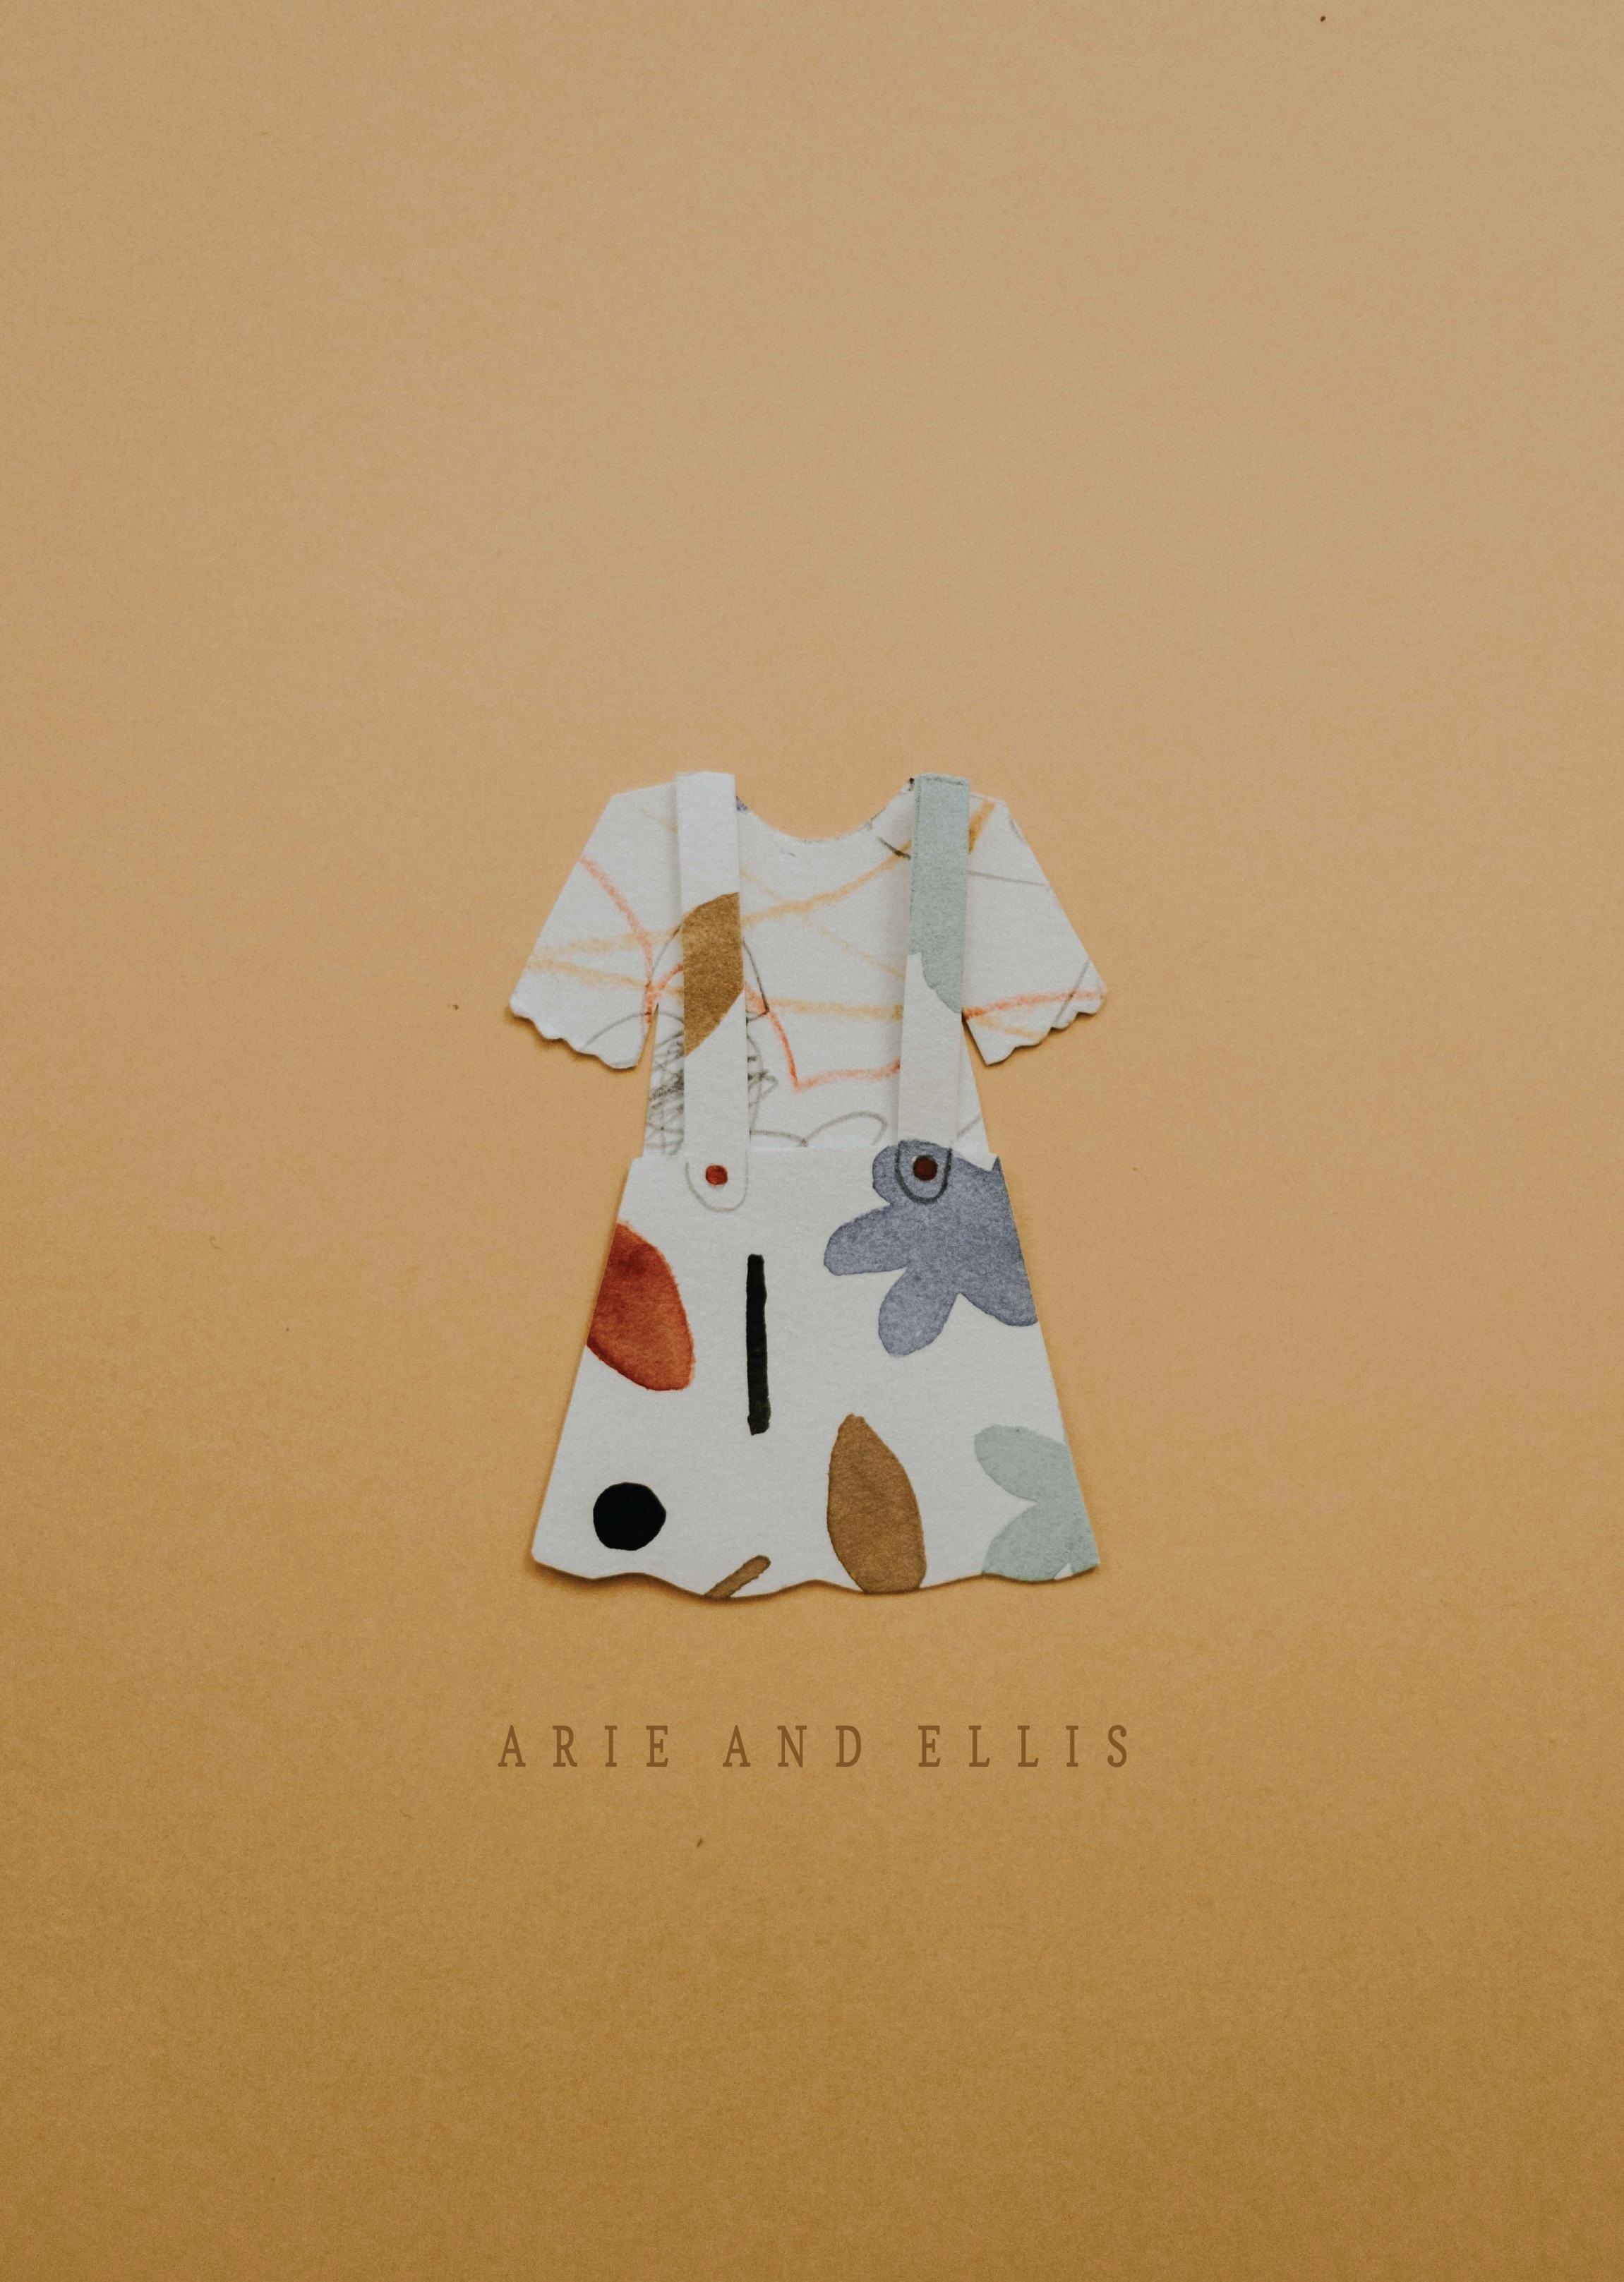 Arie and Ellis | Branding